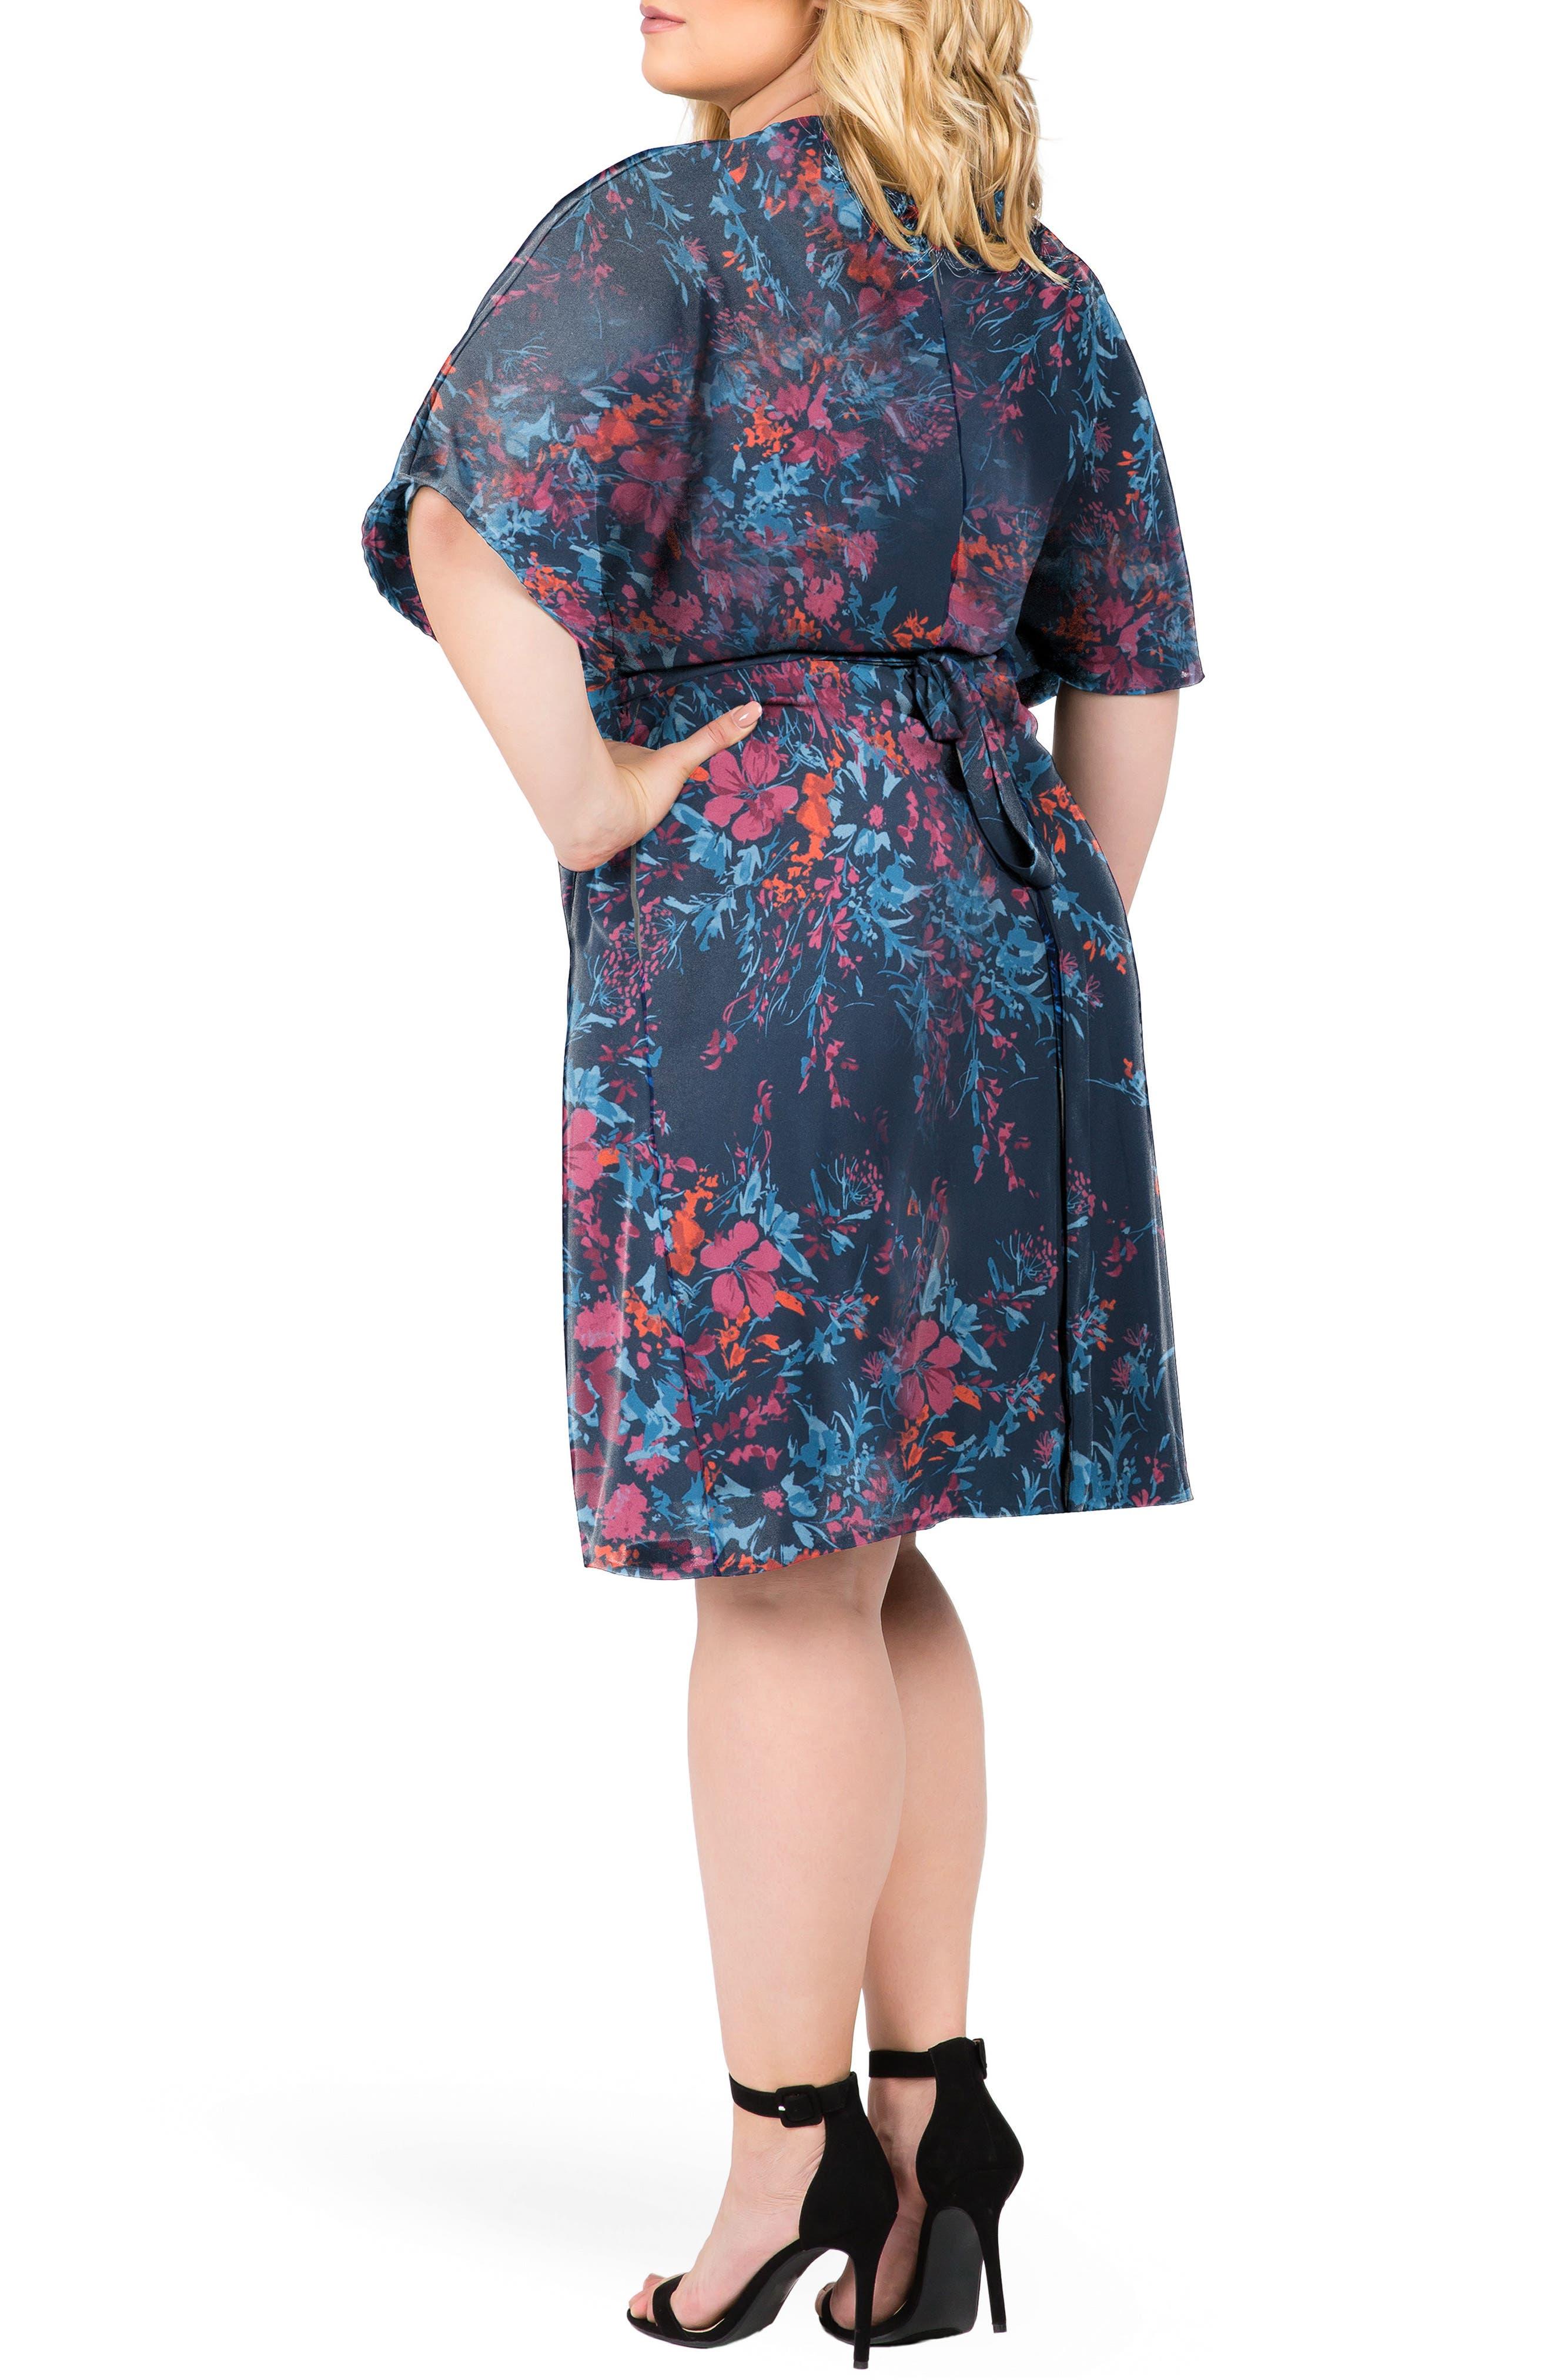 Candice Floral Wrap Dress,                             Alternate thumbnail 2, color,                             FLORAL PRINT